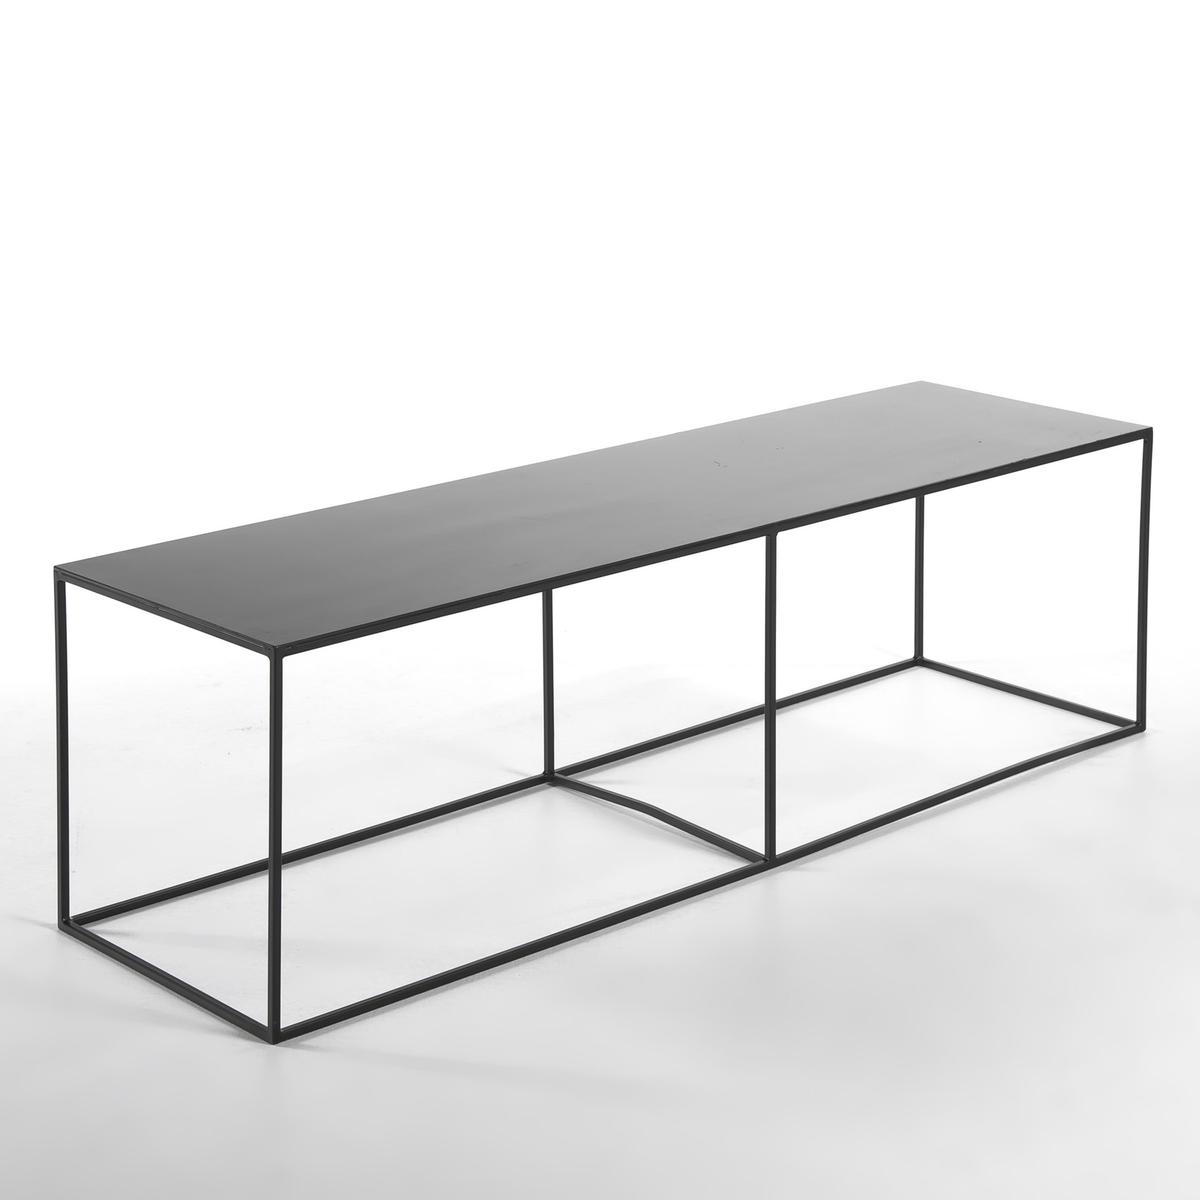 Скамья, прикроватный столик из металла, Romy столик из металла и дерева h высота 40 см nottingham